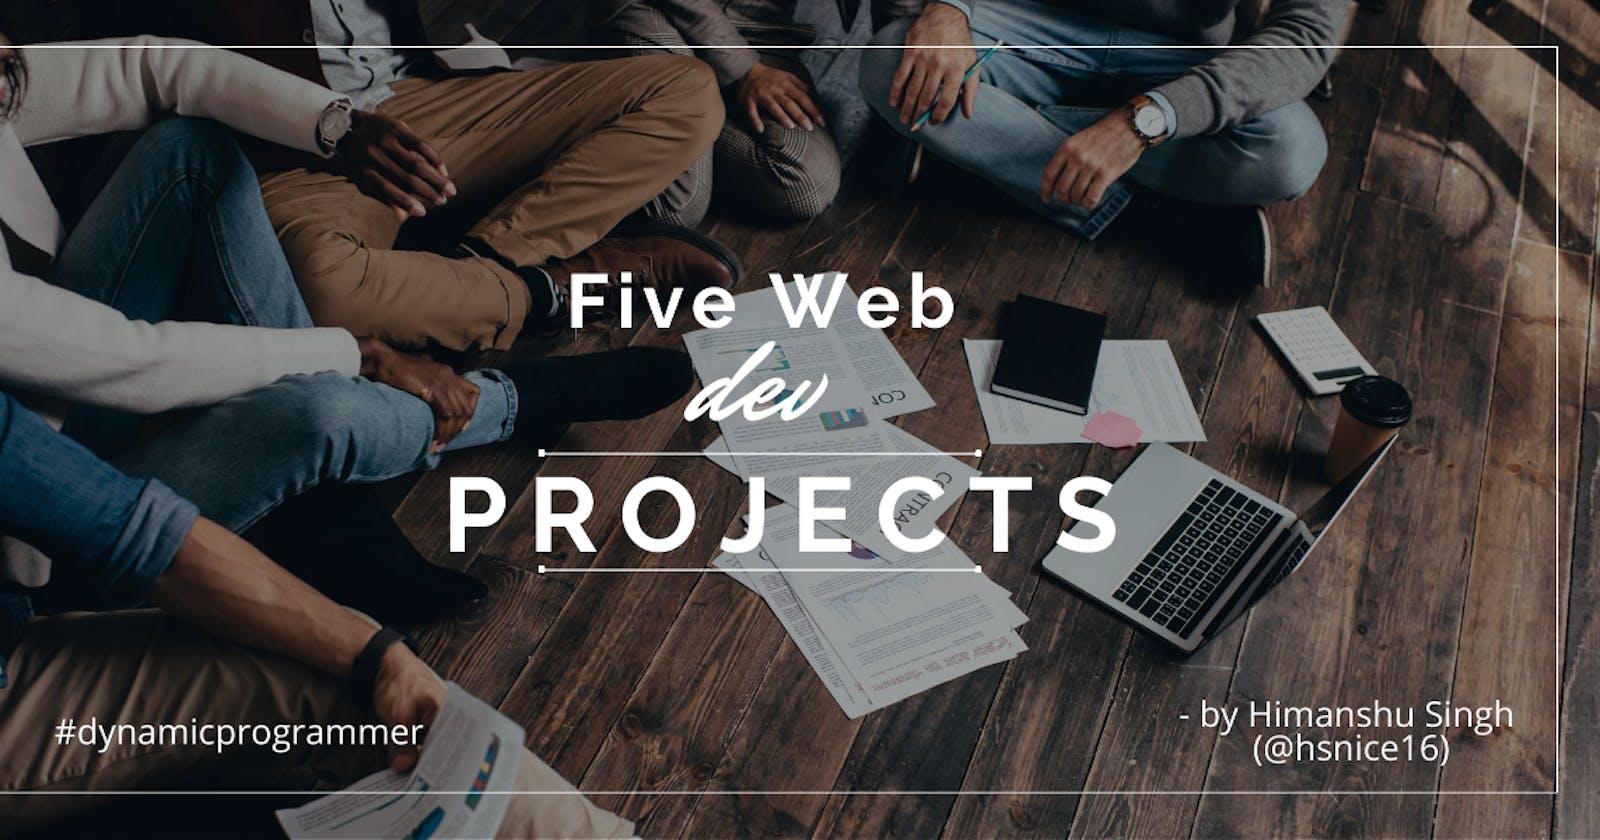 Five Web dev projects